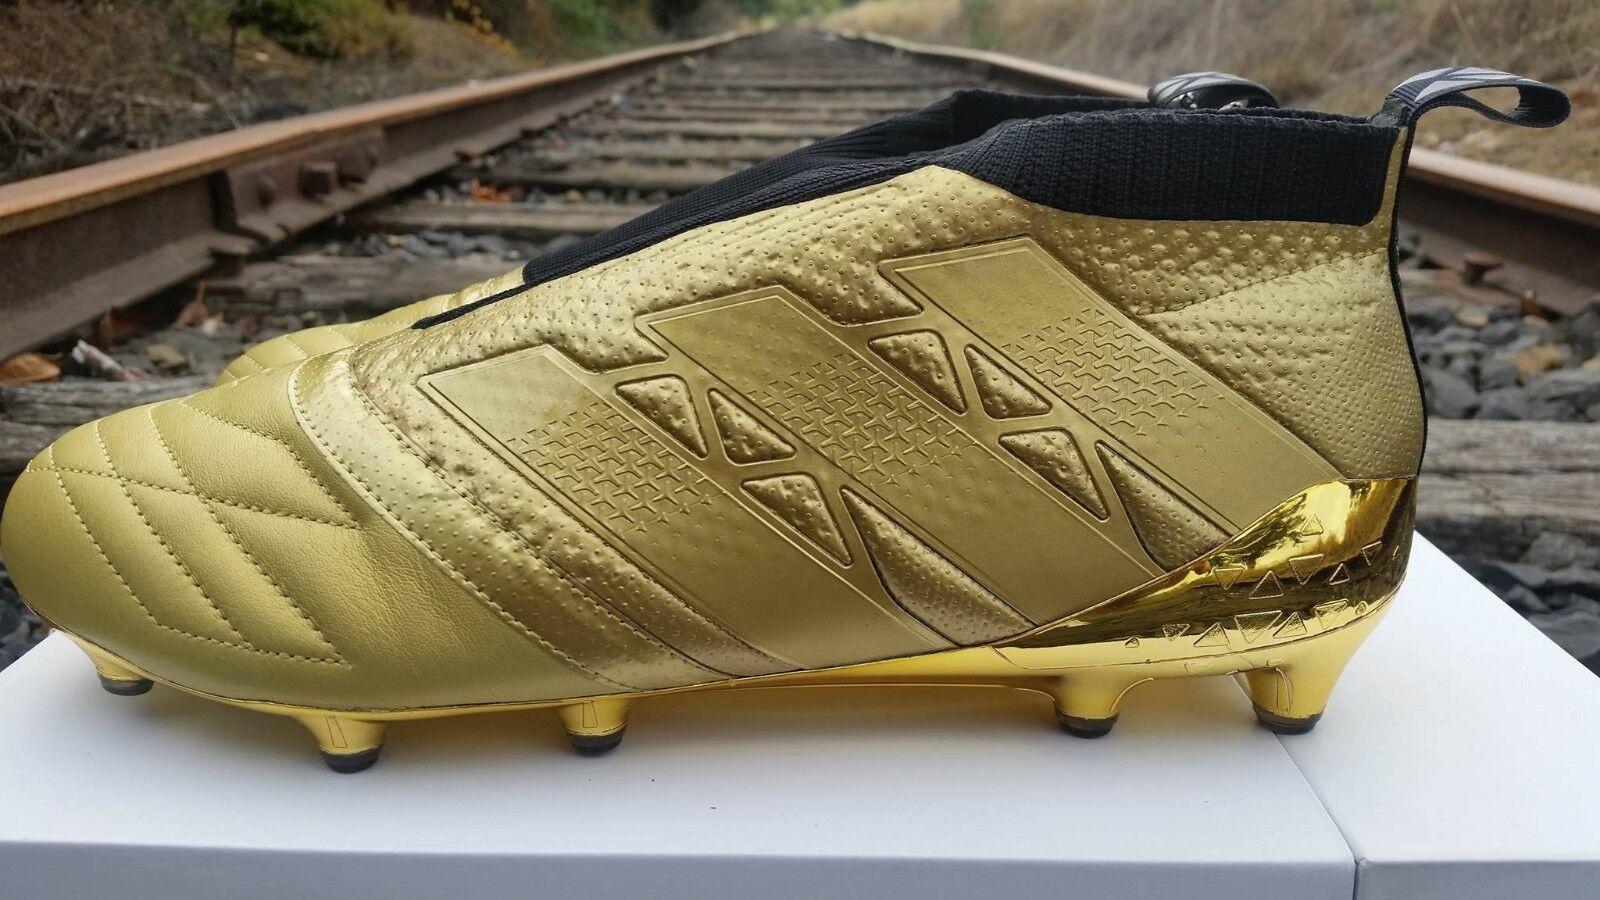 DS adidas ultraboost ultra Boost Ltd medalla de oro olímpica negro UB